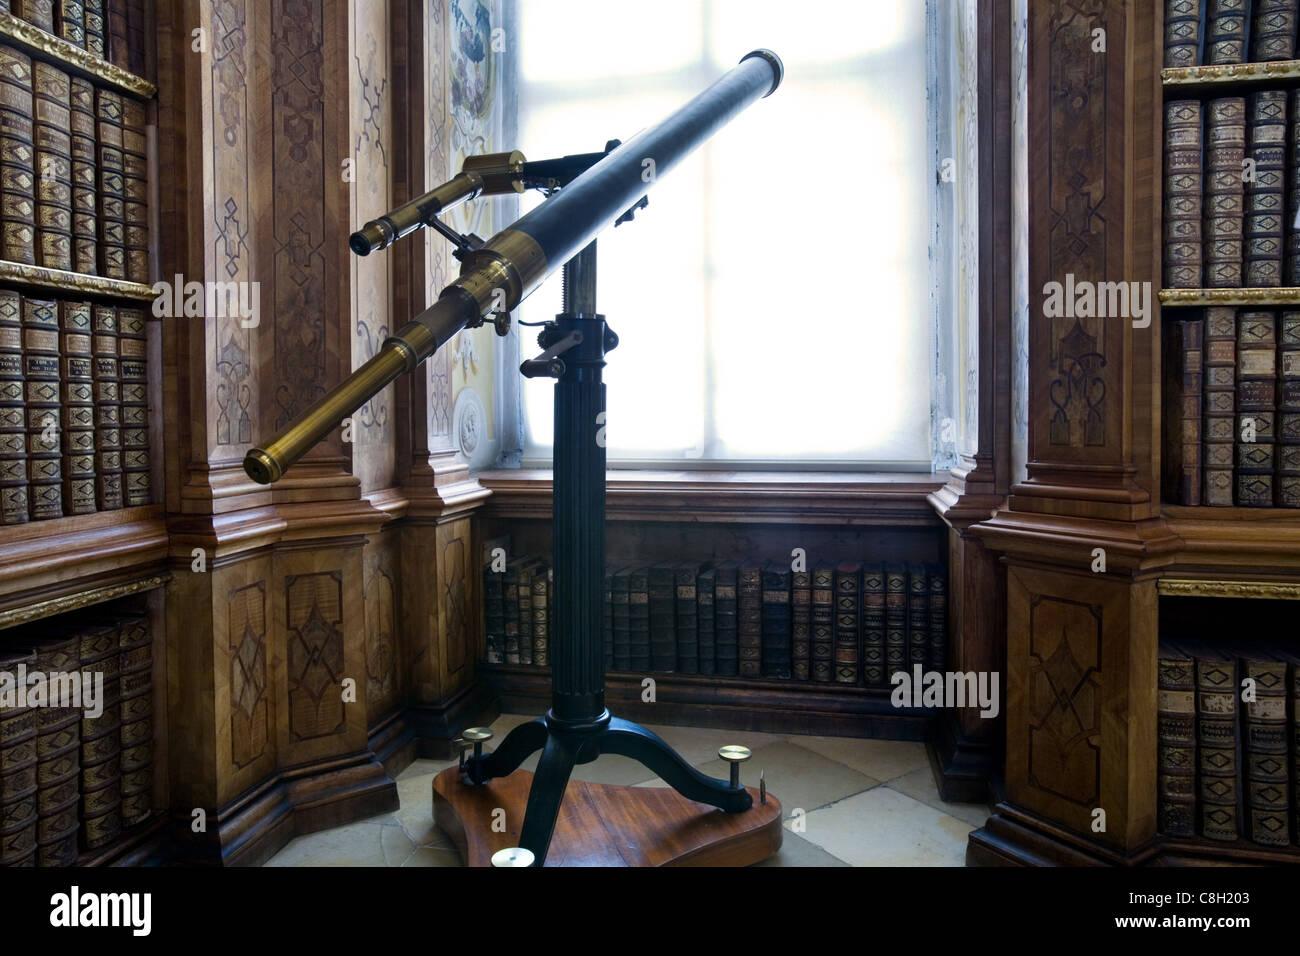 Melk Abbey Library Stock Photos  Melk Abbey Library Stock-8432